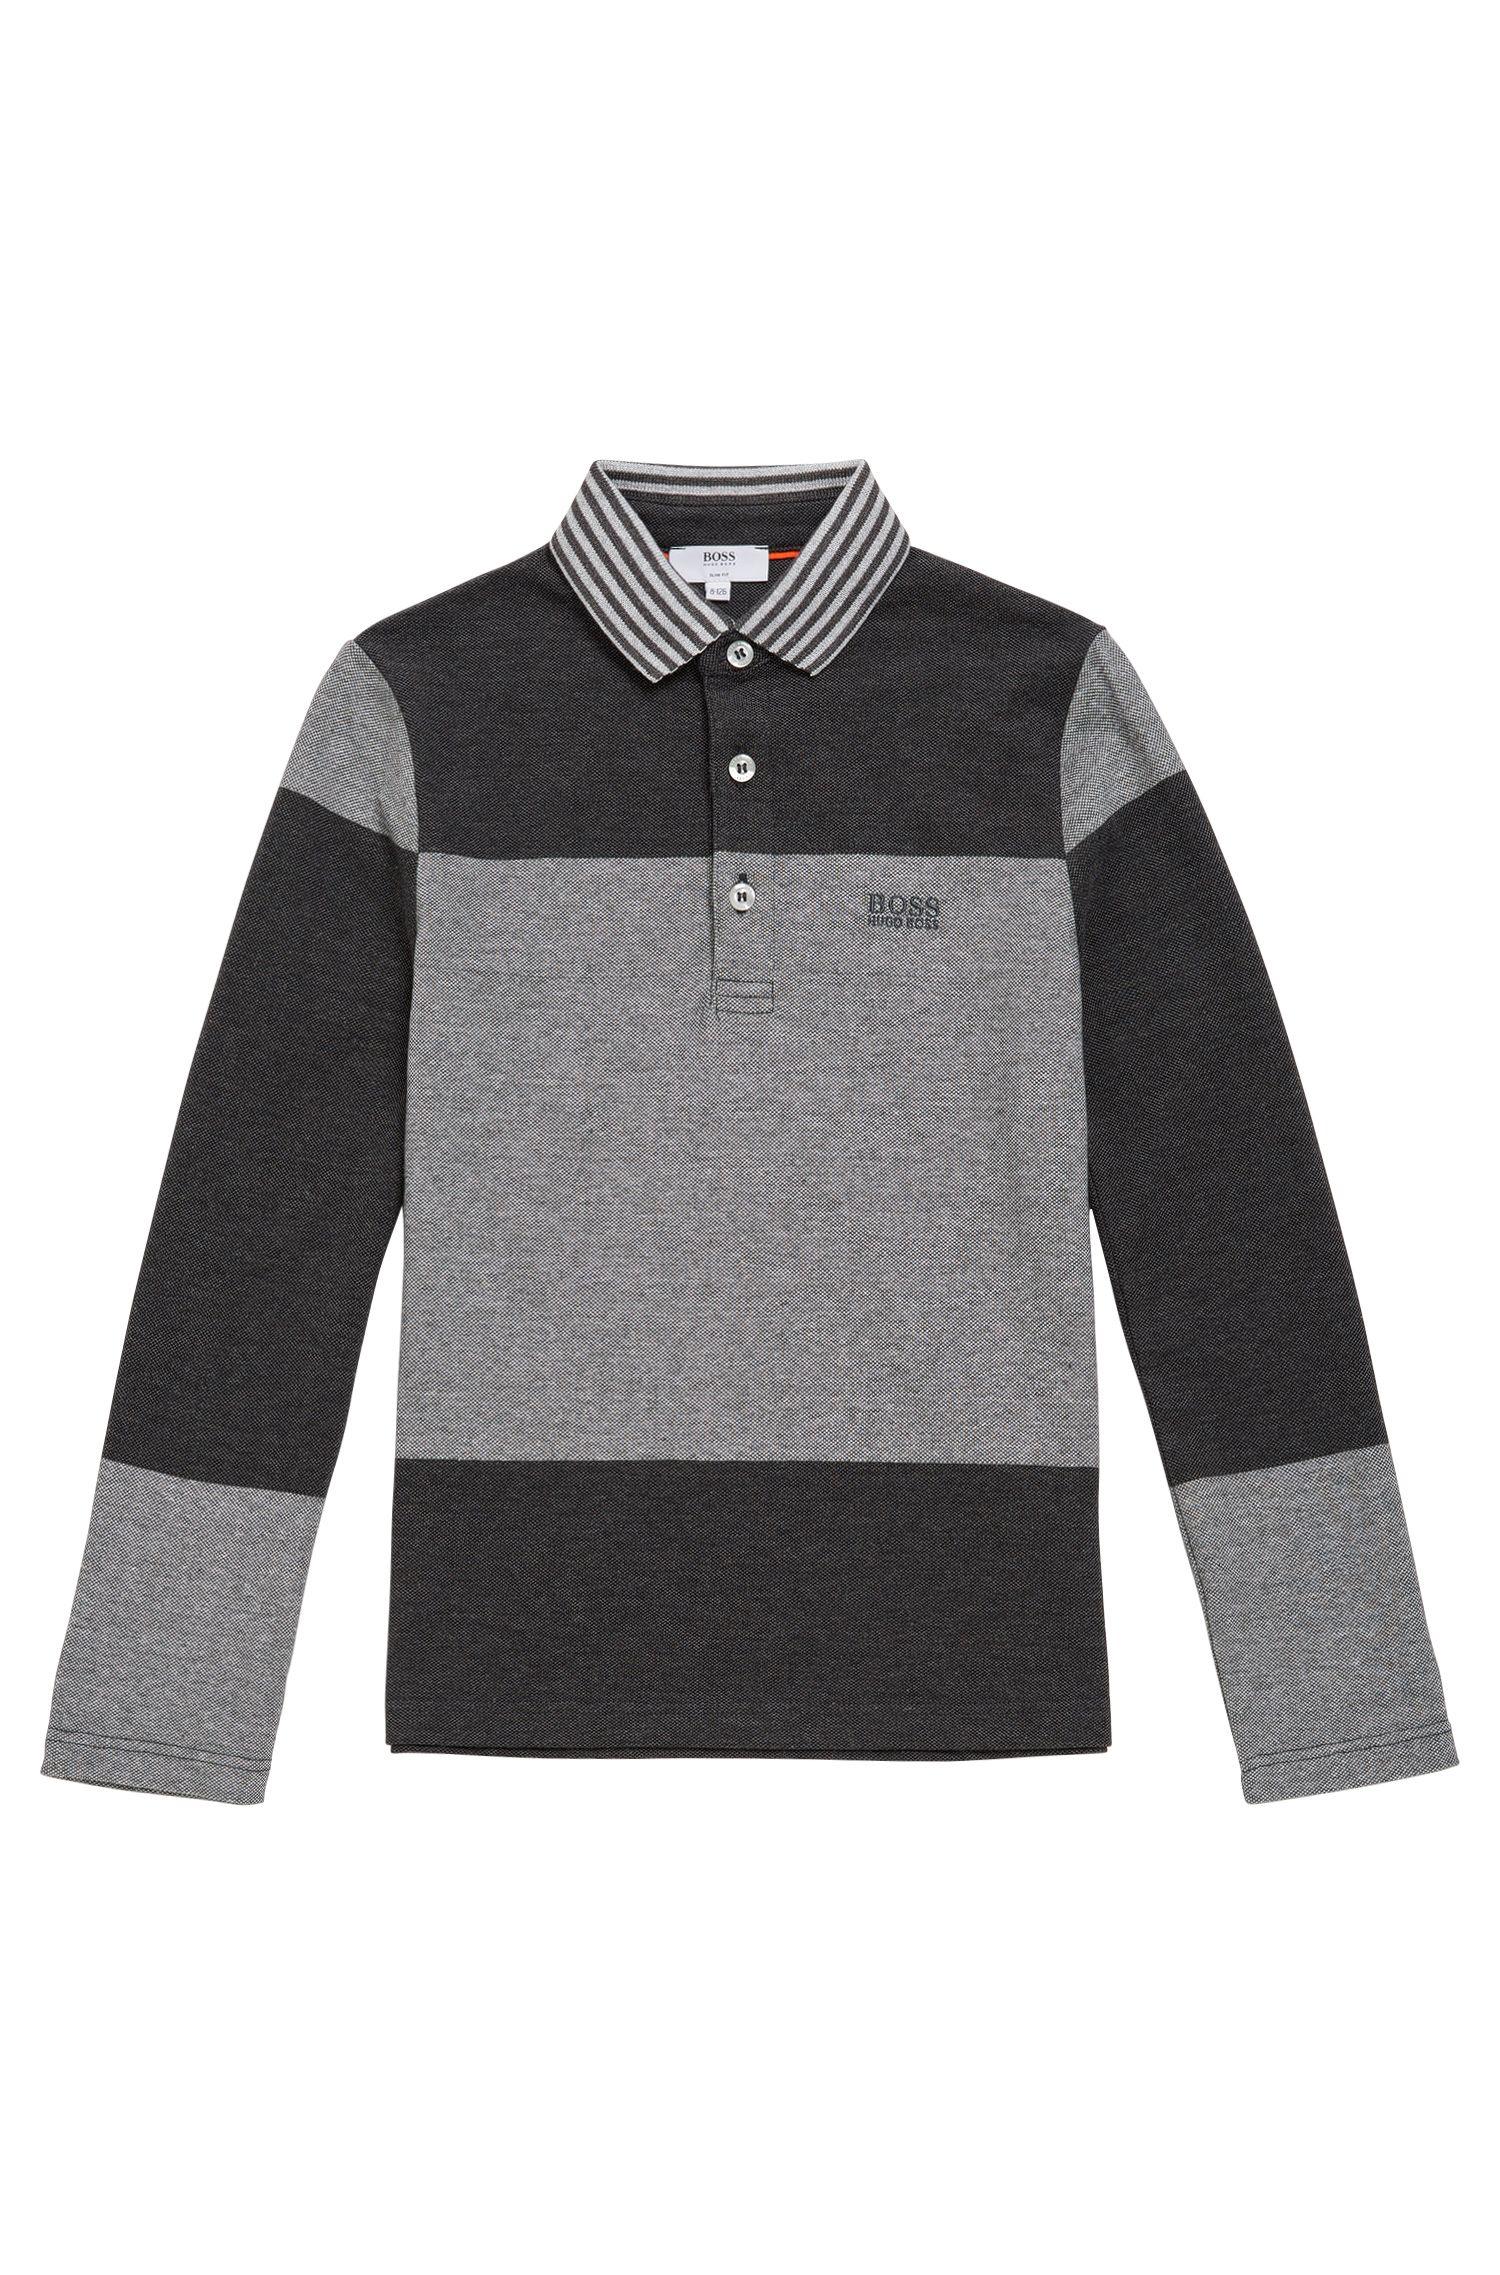 T-shirt à manches longues pour enfant en coton, de style polo: «J25996»